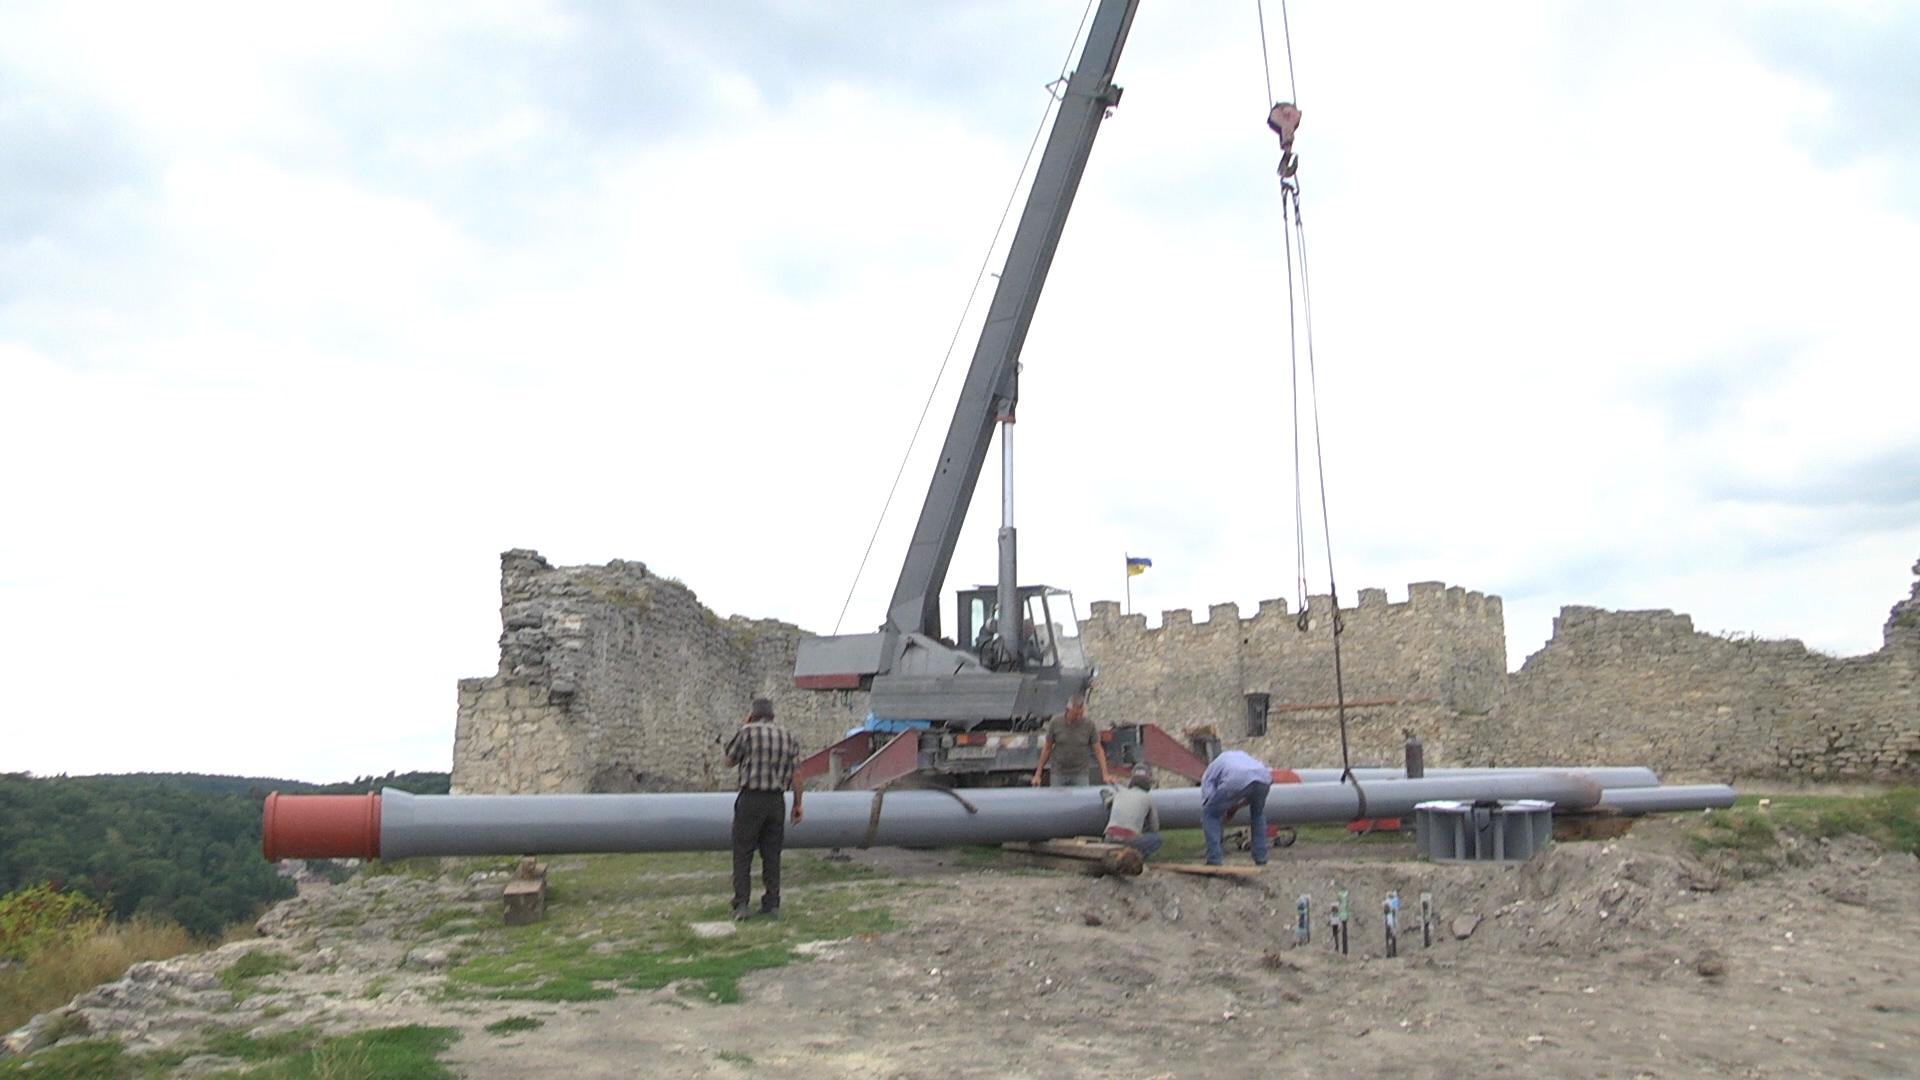 Патріотизм ціною історичної пам'яті: у Кременці поруйнували фортецю